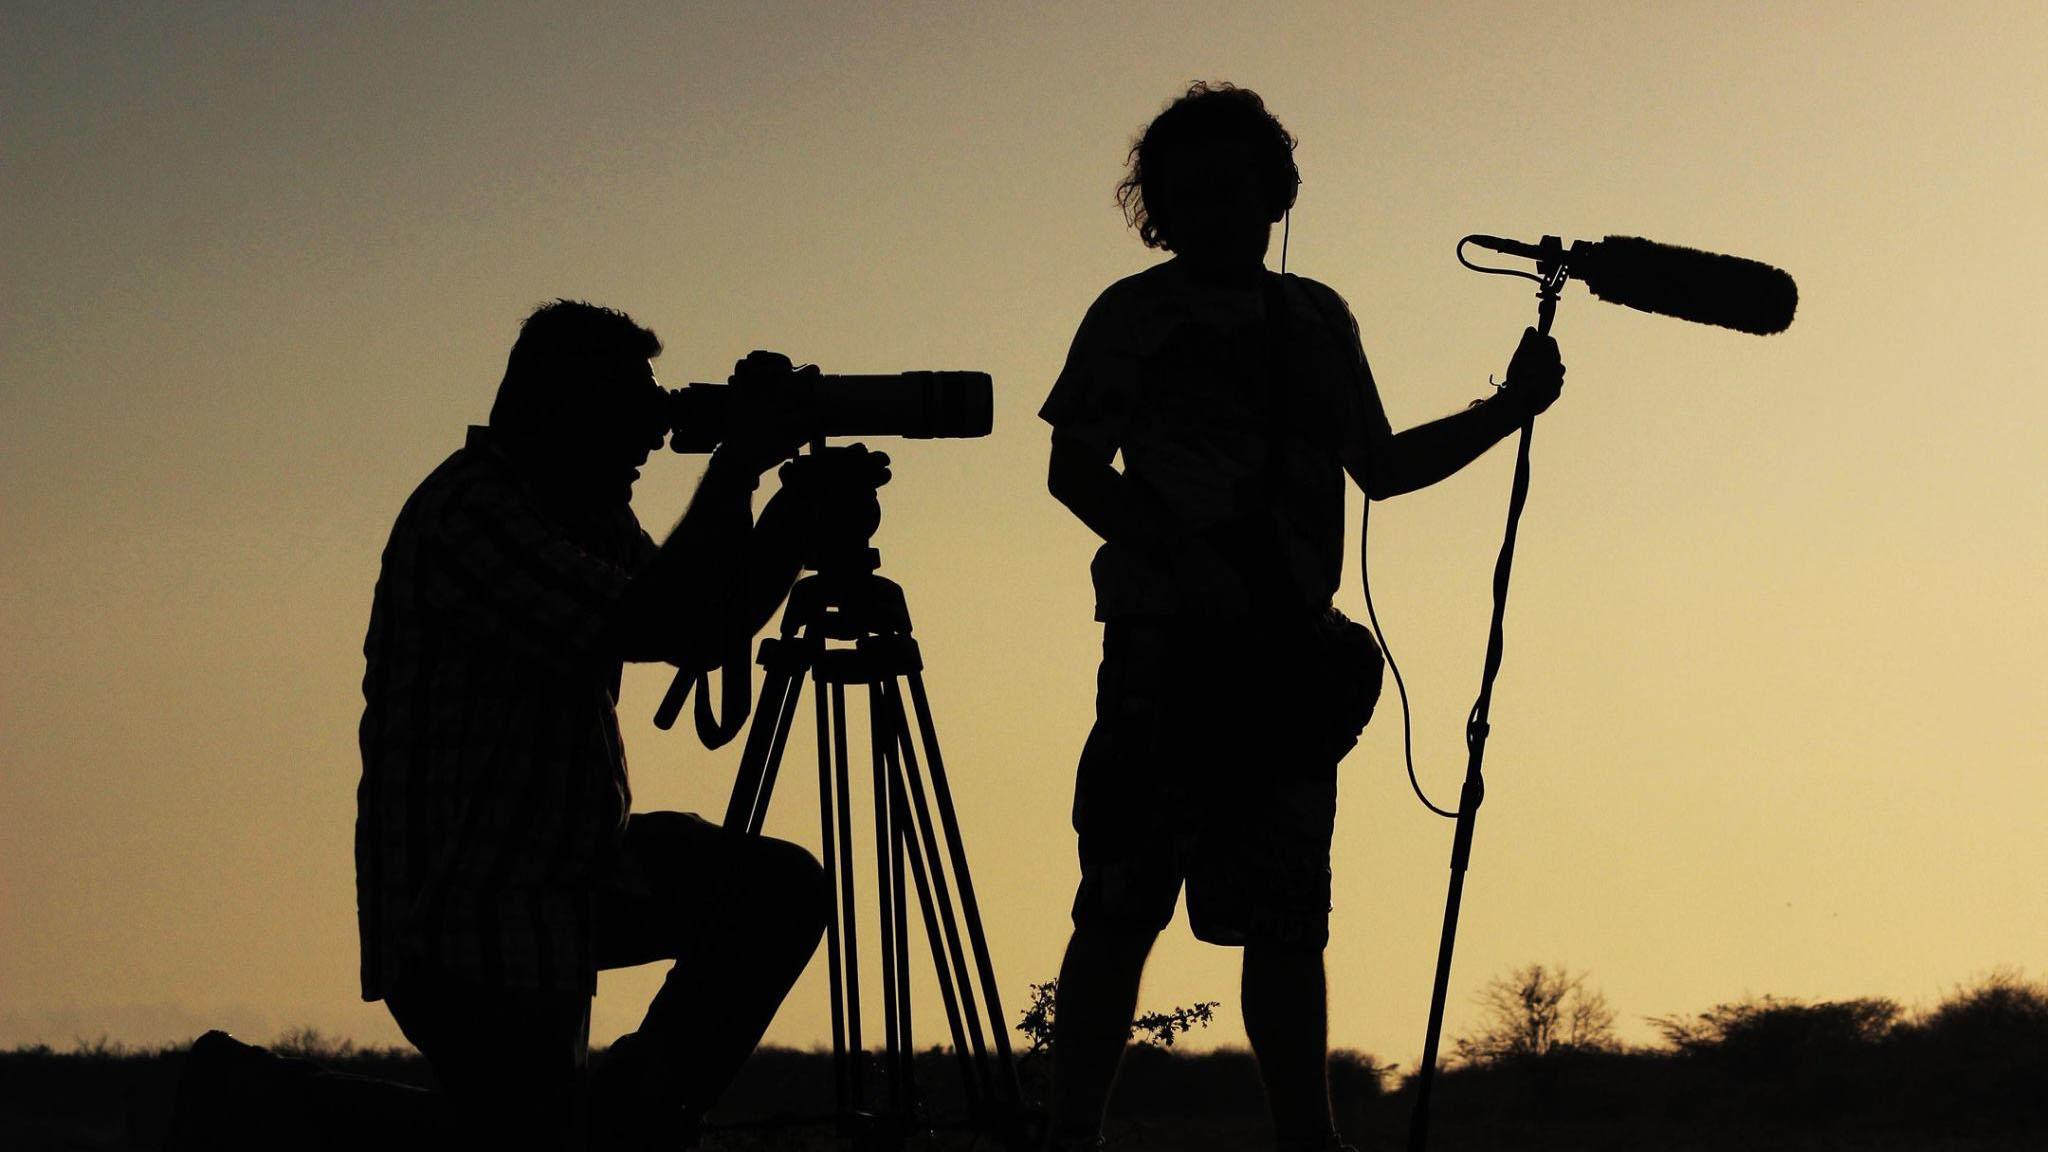 El Sumario - Se trata de un taller que dictarán grandes personajes del mundo de la dirección de cinematográfica para 40 jóvenes venezolanos o residenciados en el país